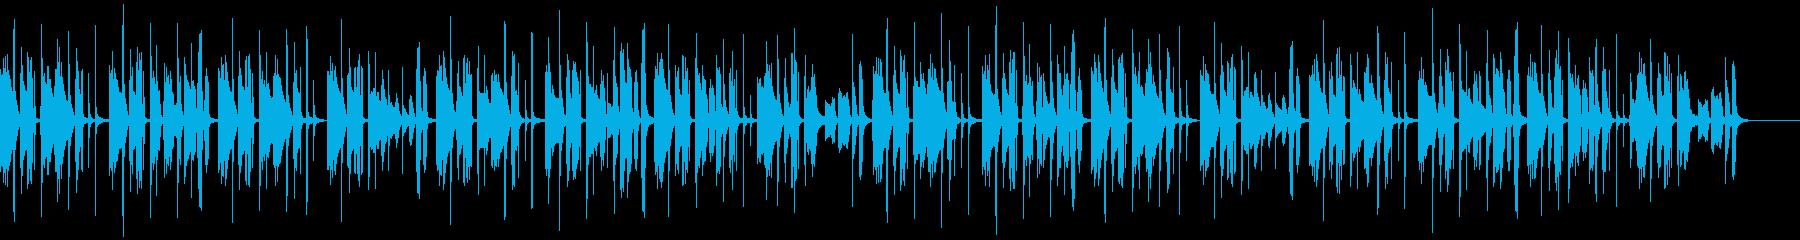 考え事をしている時のBGMの再生済みの波形